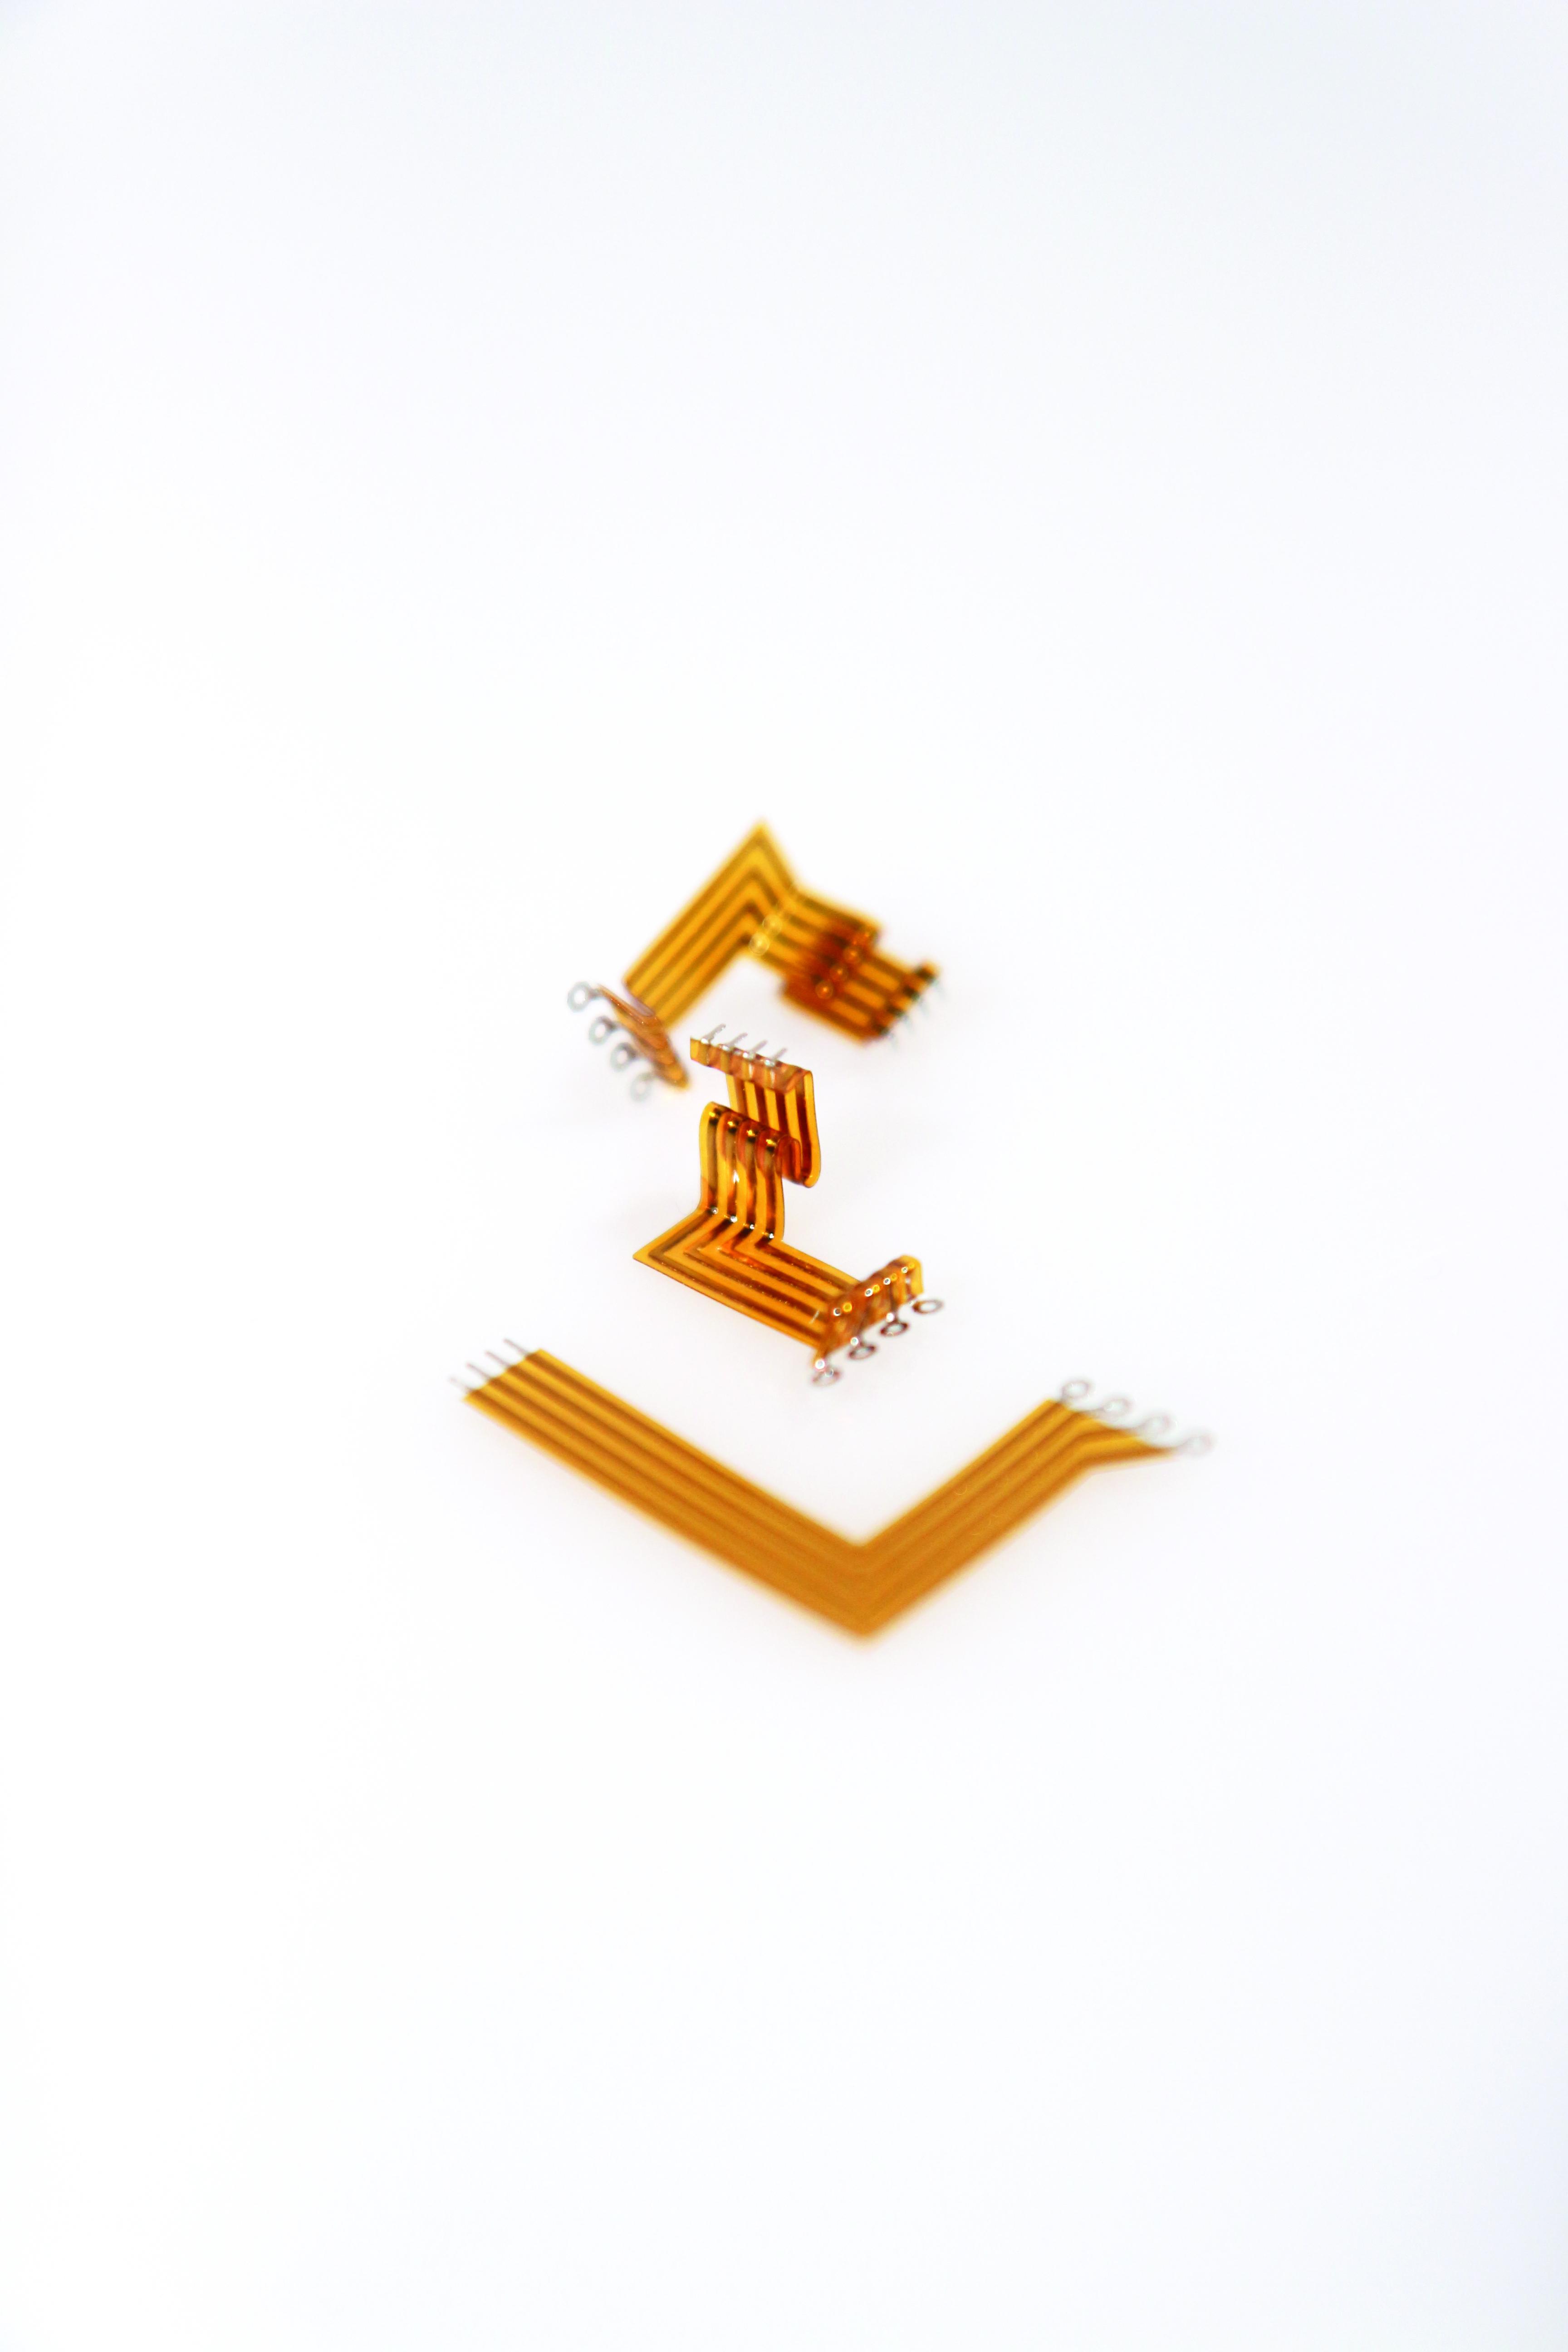 IsoLam-Verfahren: Leiterbahn mit gebogenen Verdrahtungsband in verschiedenen Ausführungen